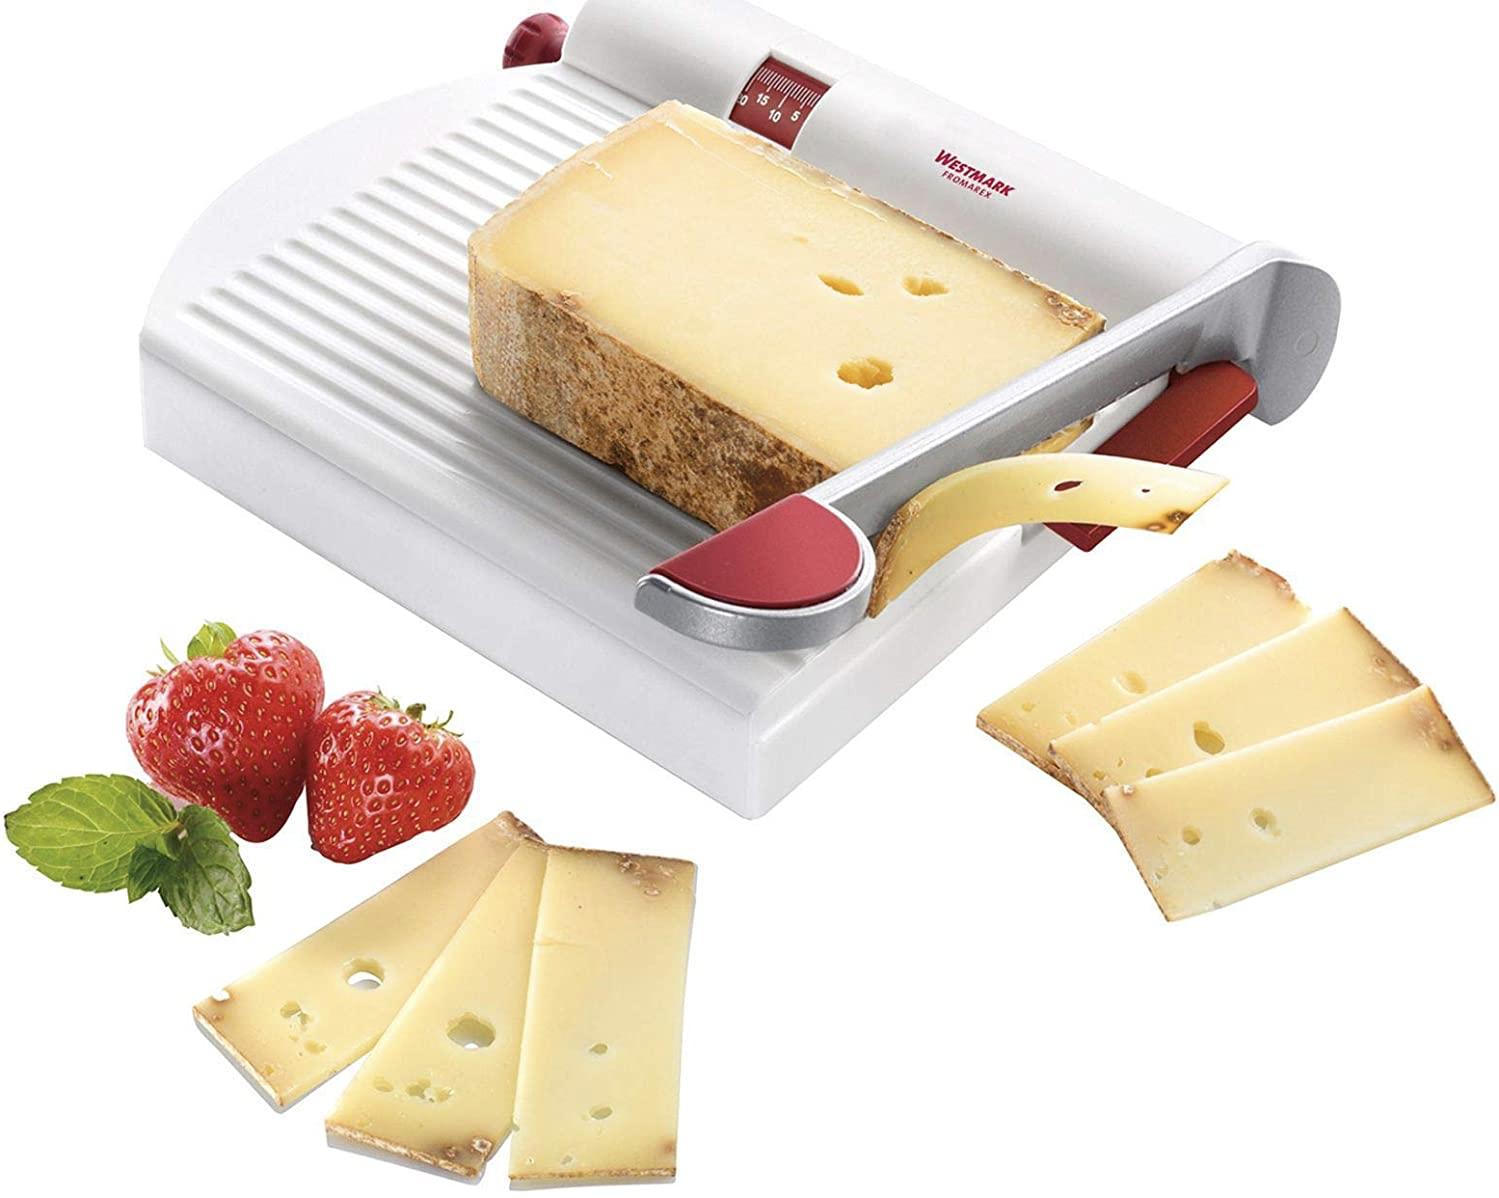 Westmark-Germany-Multipurpose-Stainless-Steel-Cheese-slicer